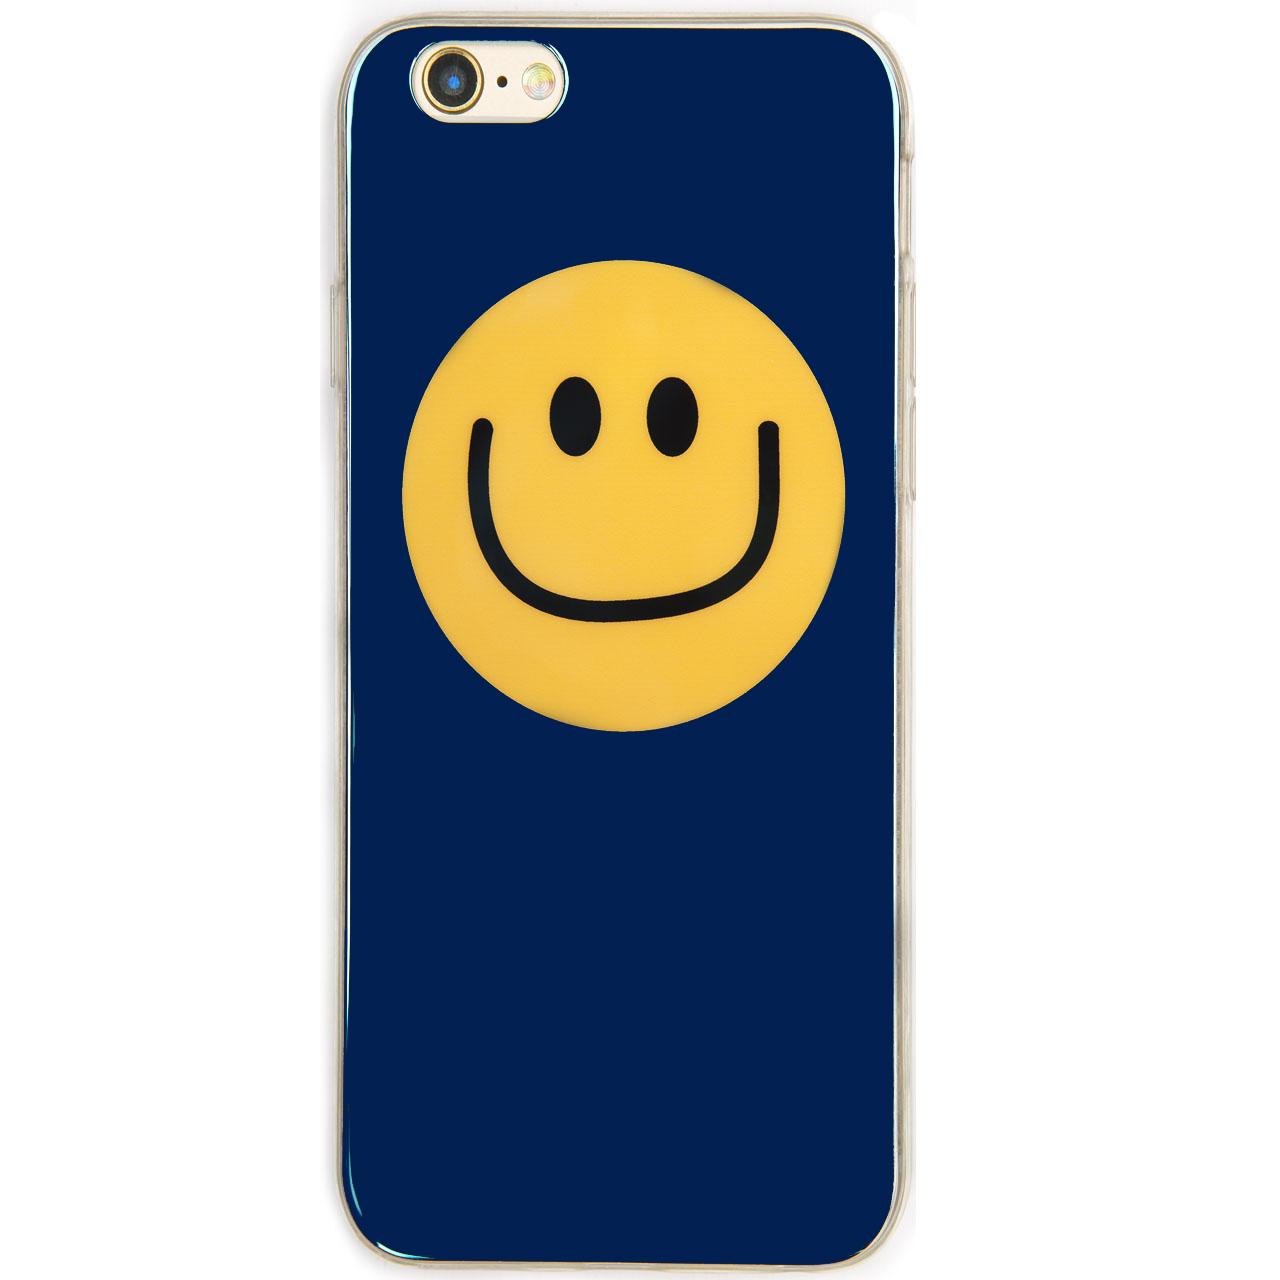 کاور ژله ای مدل Smile مناسب برای گوشی موبایل آیفون 6 plus